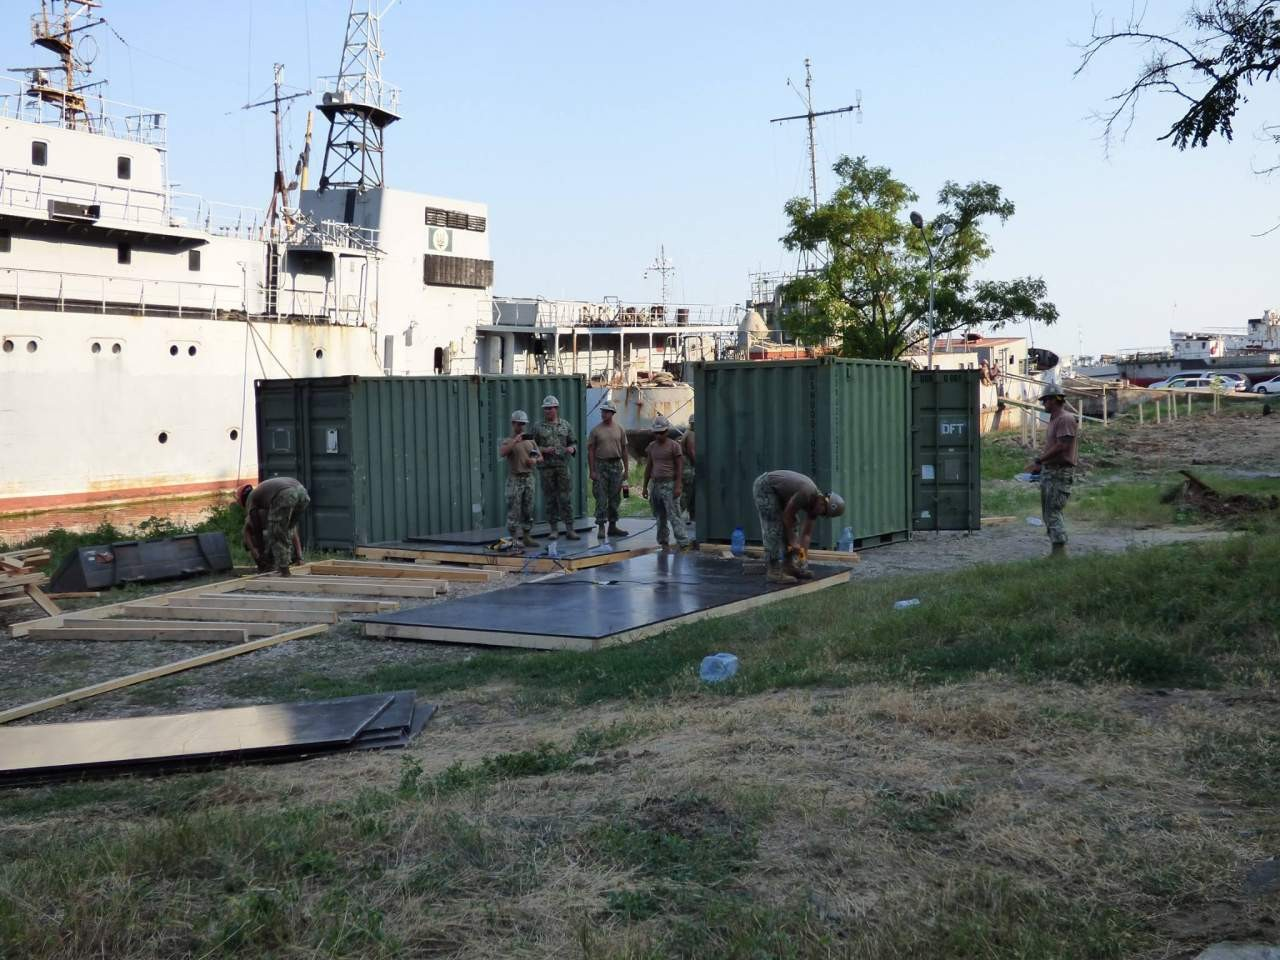 США начали размещение Военно-морского флота вгосударстве Украина